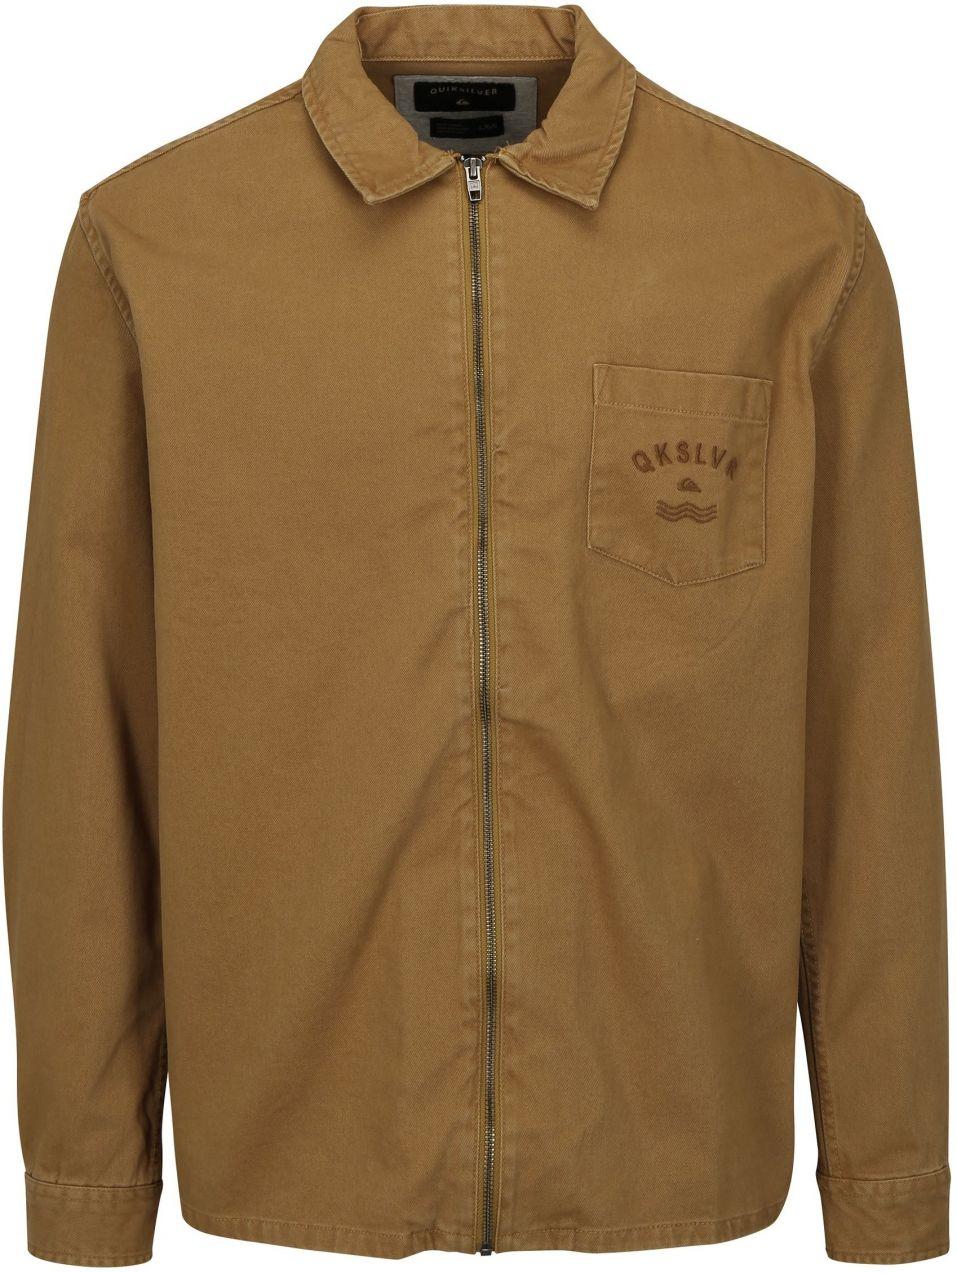 Hnedá pánska rifľová bunda Quiksilver značky Quiksilver - Lovely.sk 4ed8c9292c6